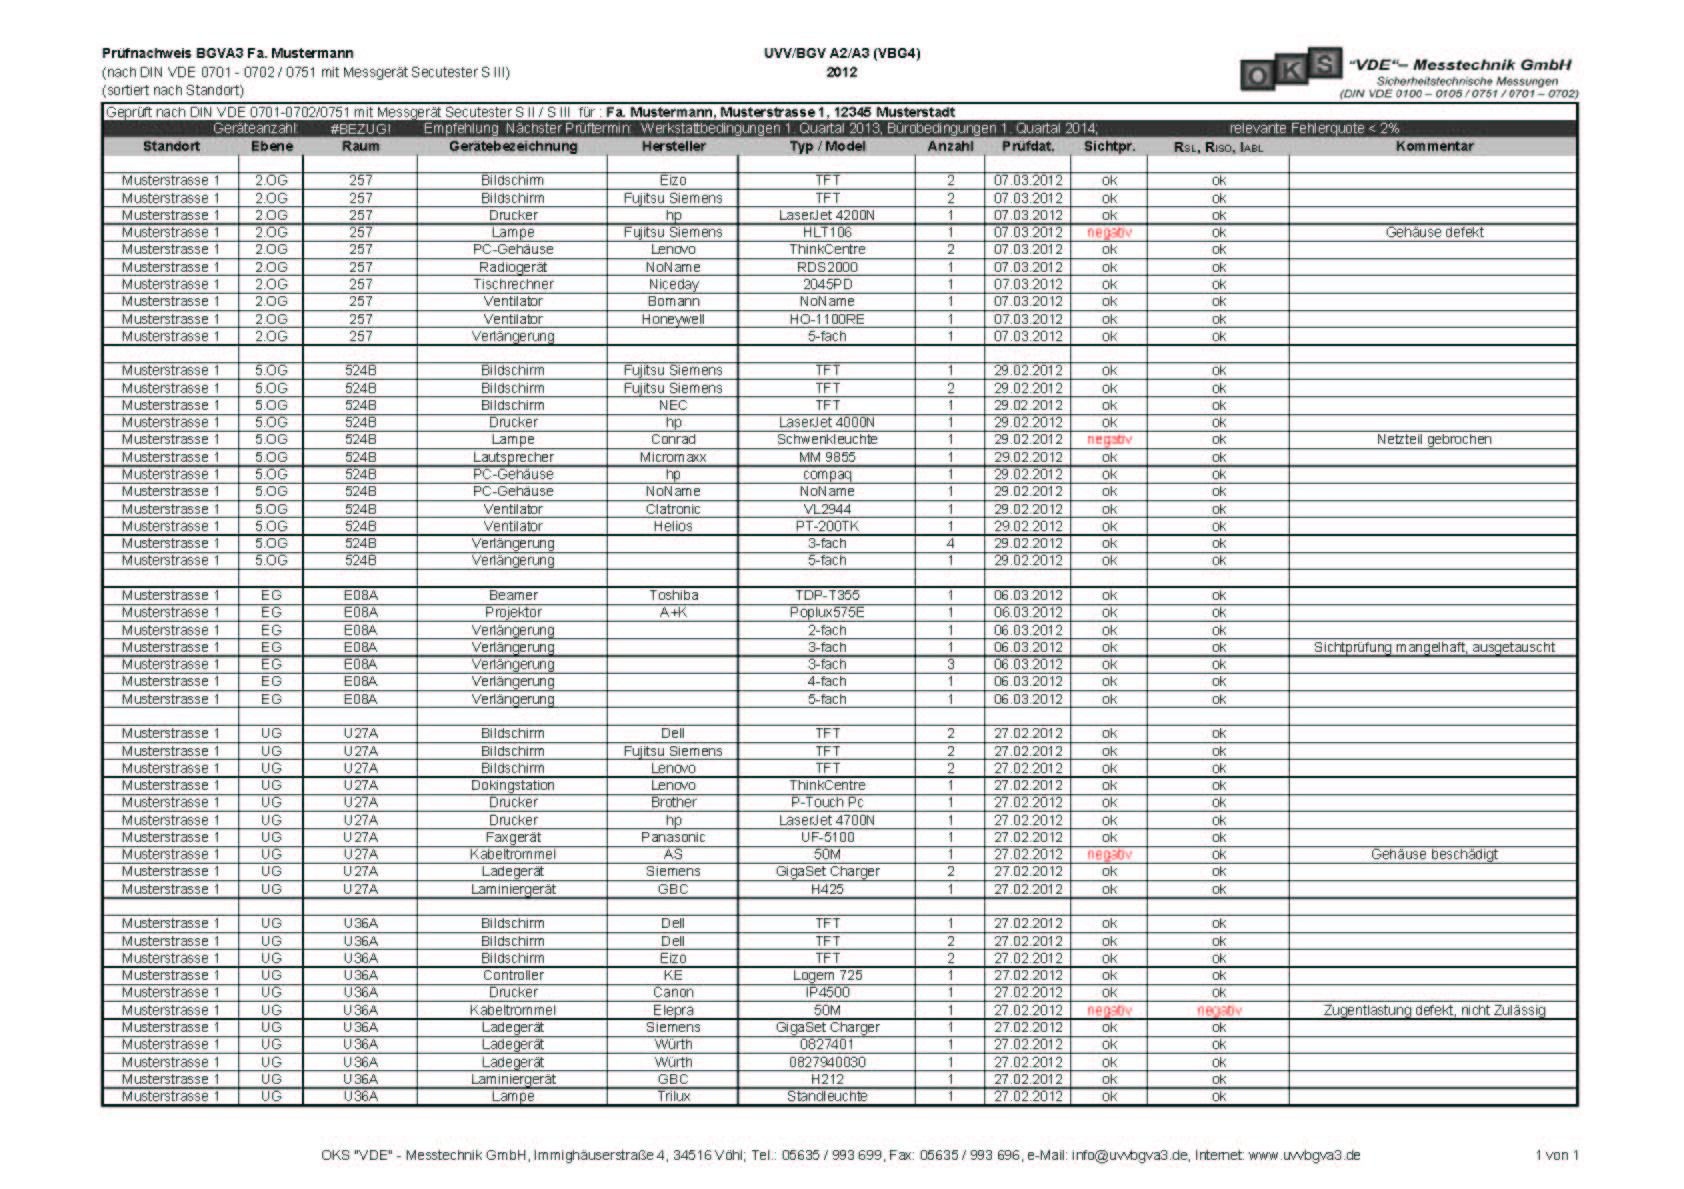 beispiel standarddokumentation - Prufprotokoll Bgv A3 Muster